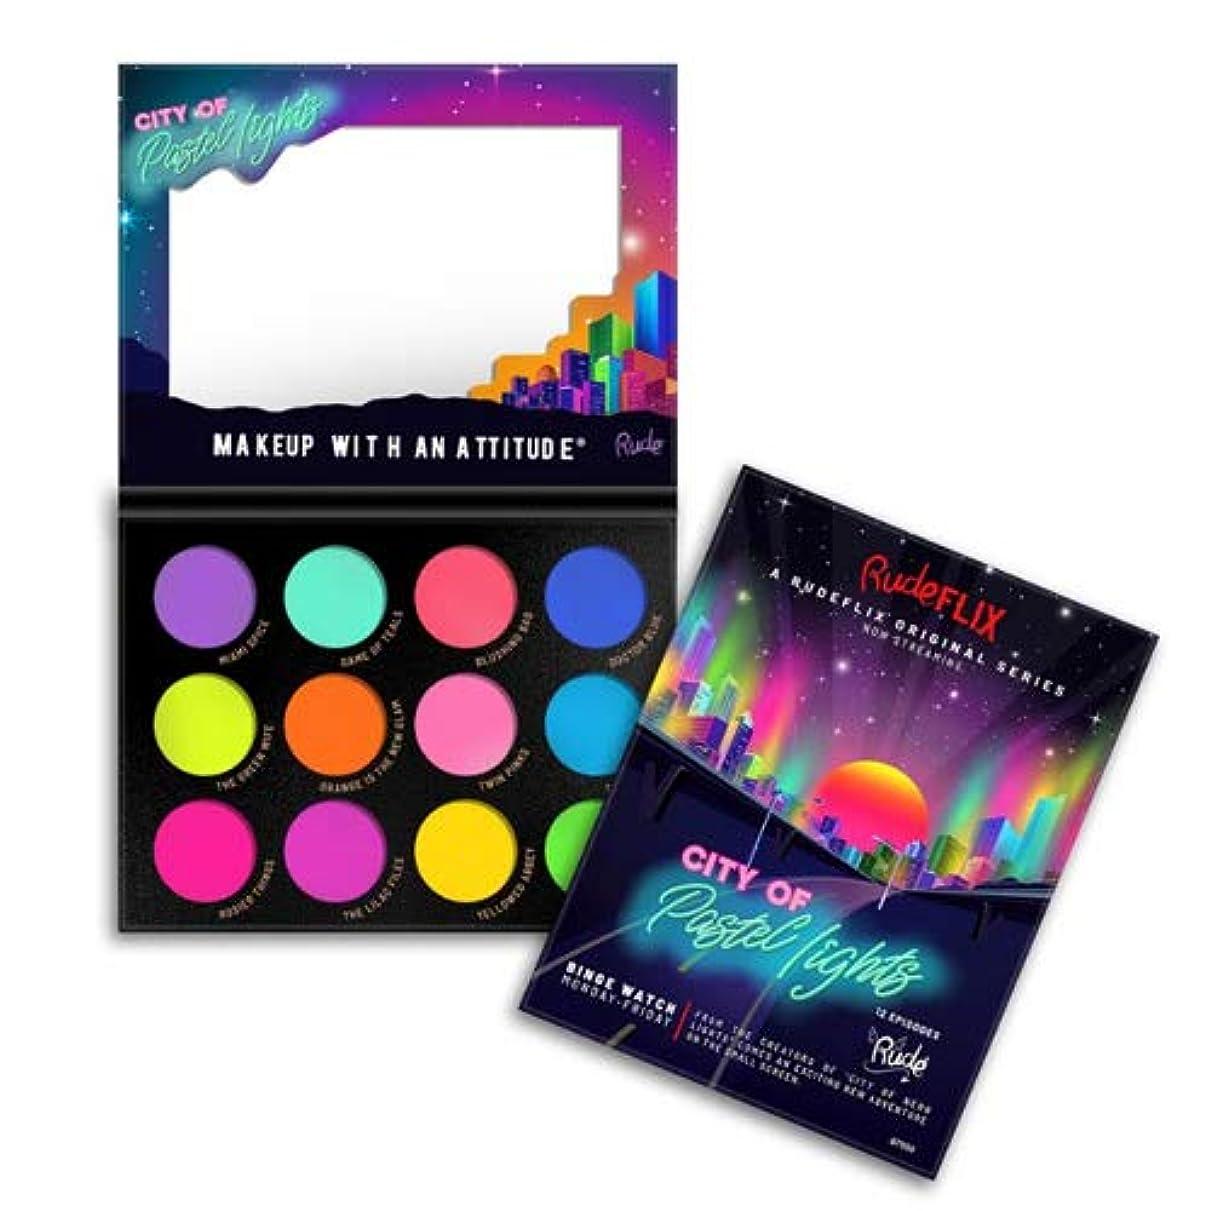 テメリティ満員発行RUDE City of Pastel Lights - 12 Pastel Pigment & Eyeshadow Palette (3 Pack) (並行輸入品)